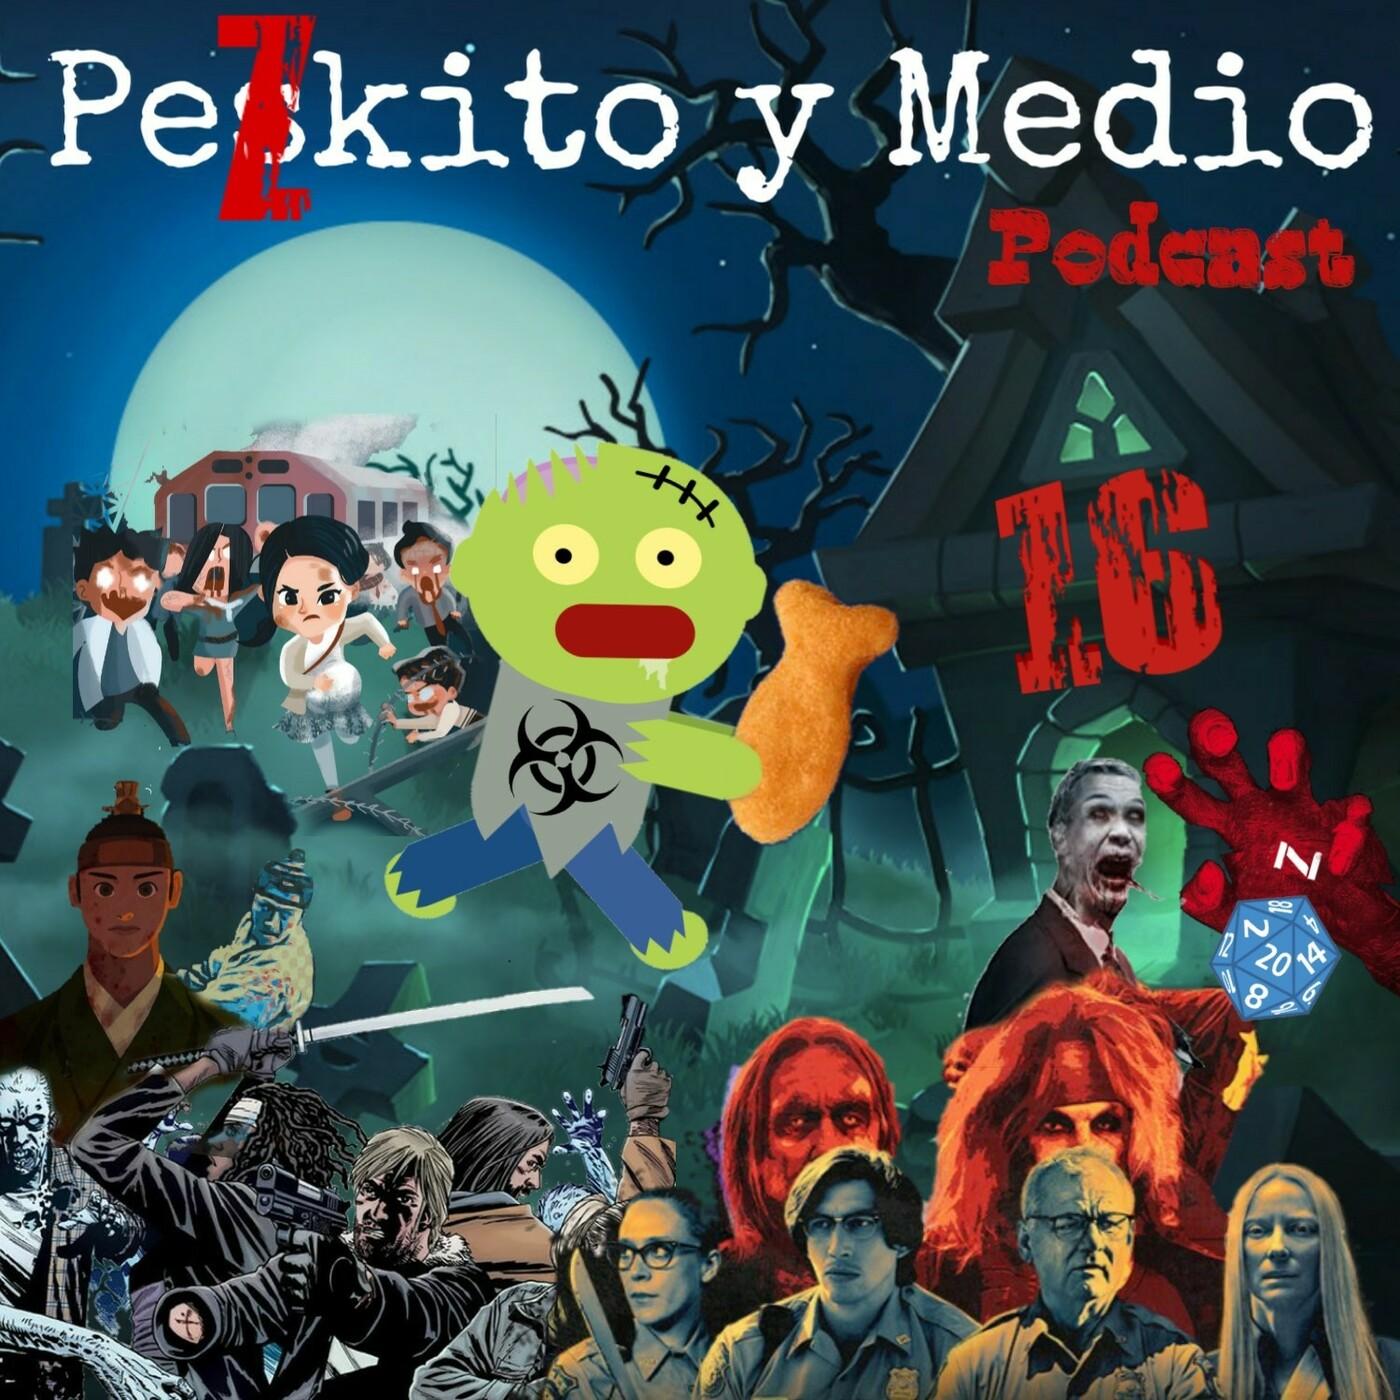 Peskito y Medio Podcast 16: Especial Zombis: Apocalipsis Caminante Walking to Busan Kingdom Don't Die en…